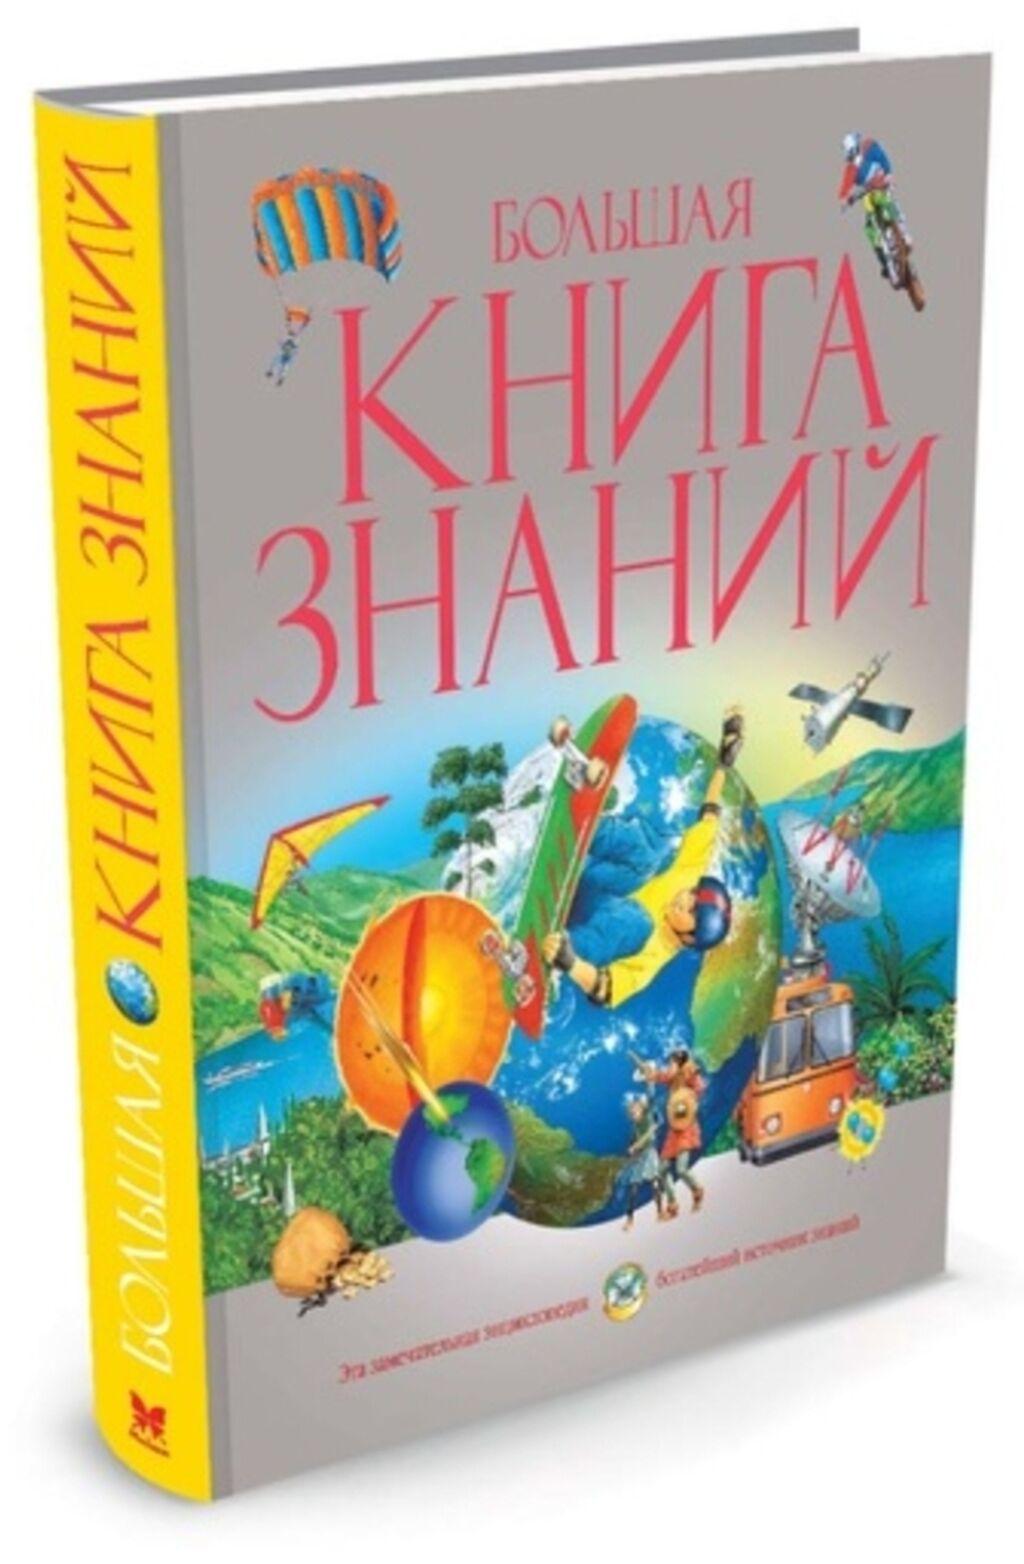 Книга знаний|maxaon| Объявление создано 15 Сентябрь 2021 14:13:06: Книга знаний|maxaon|